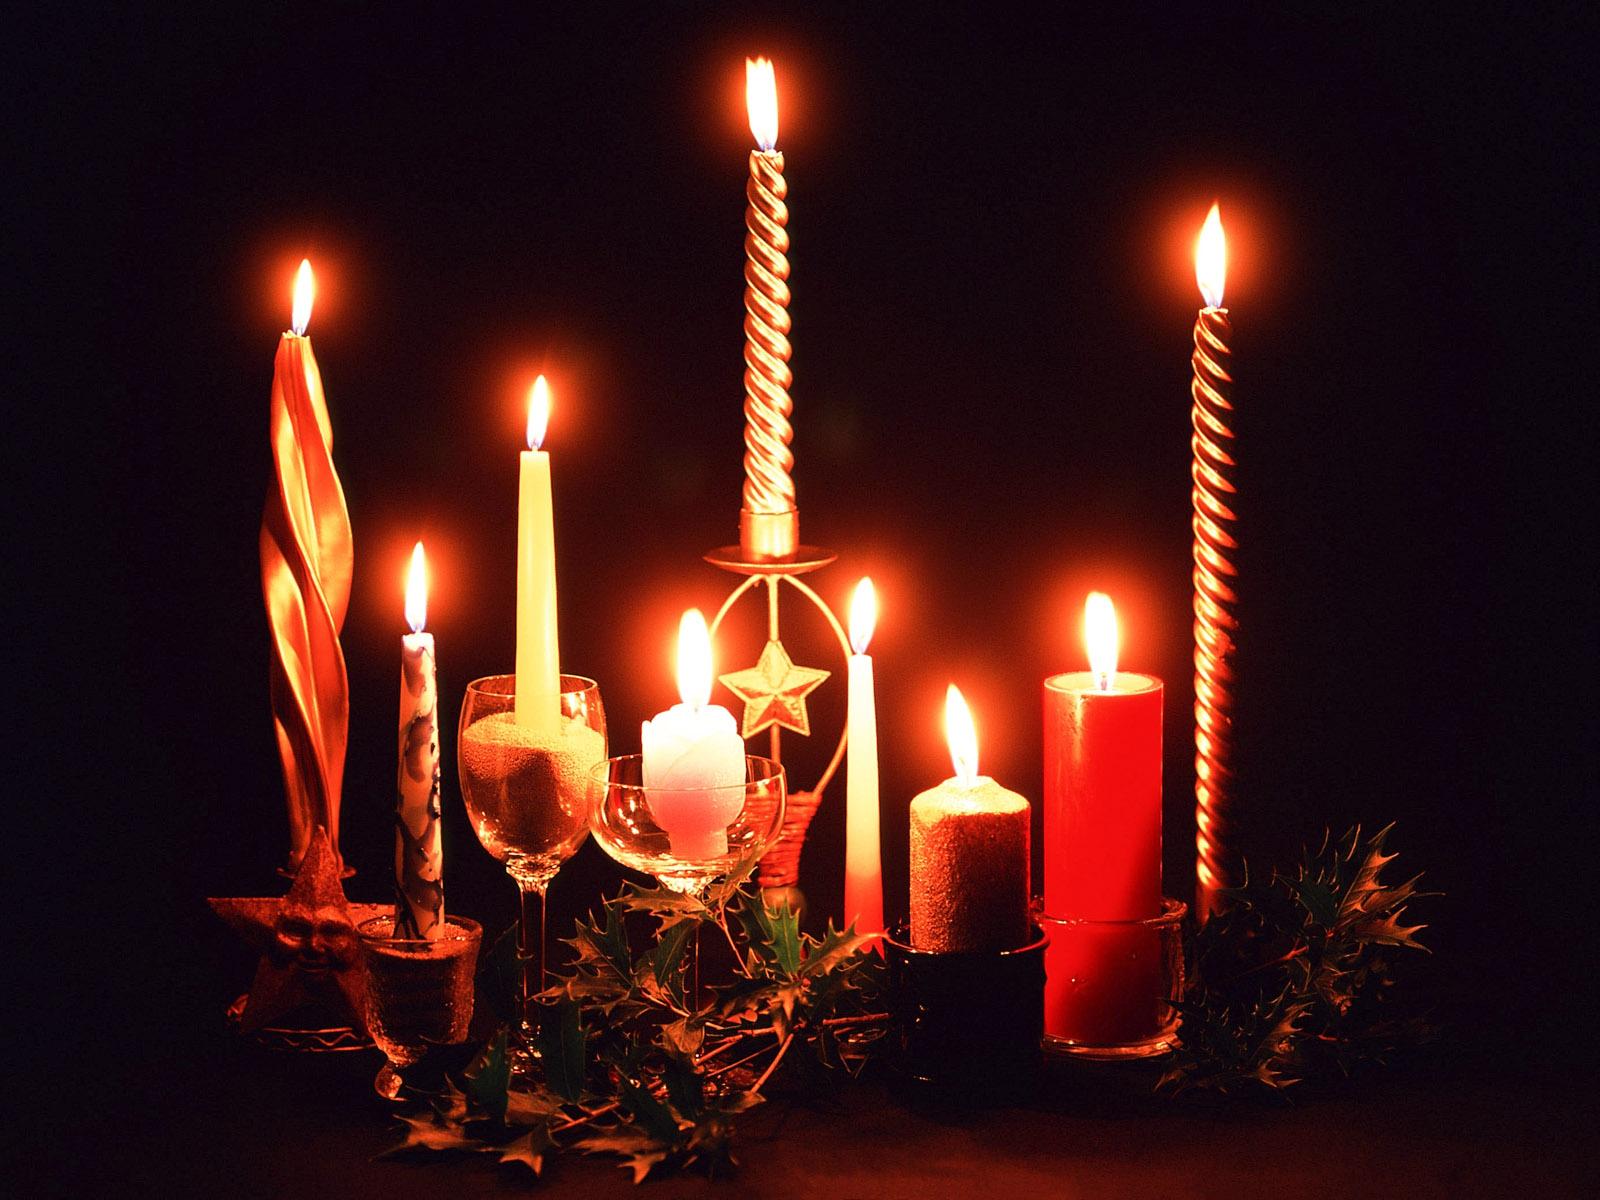 Como decorar las velas para navidad - 1600x1200